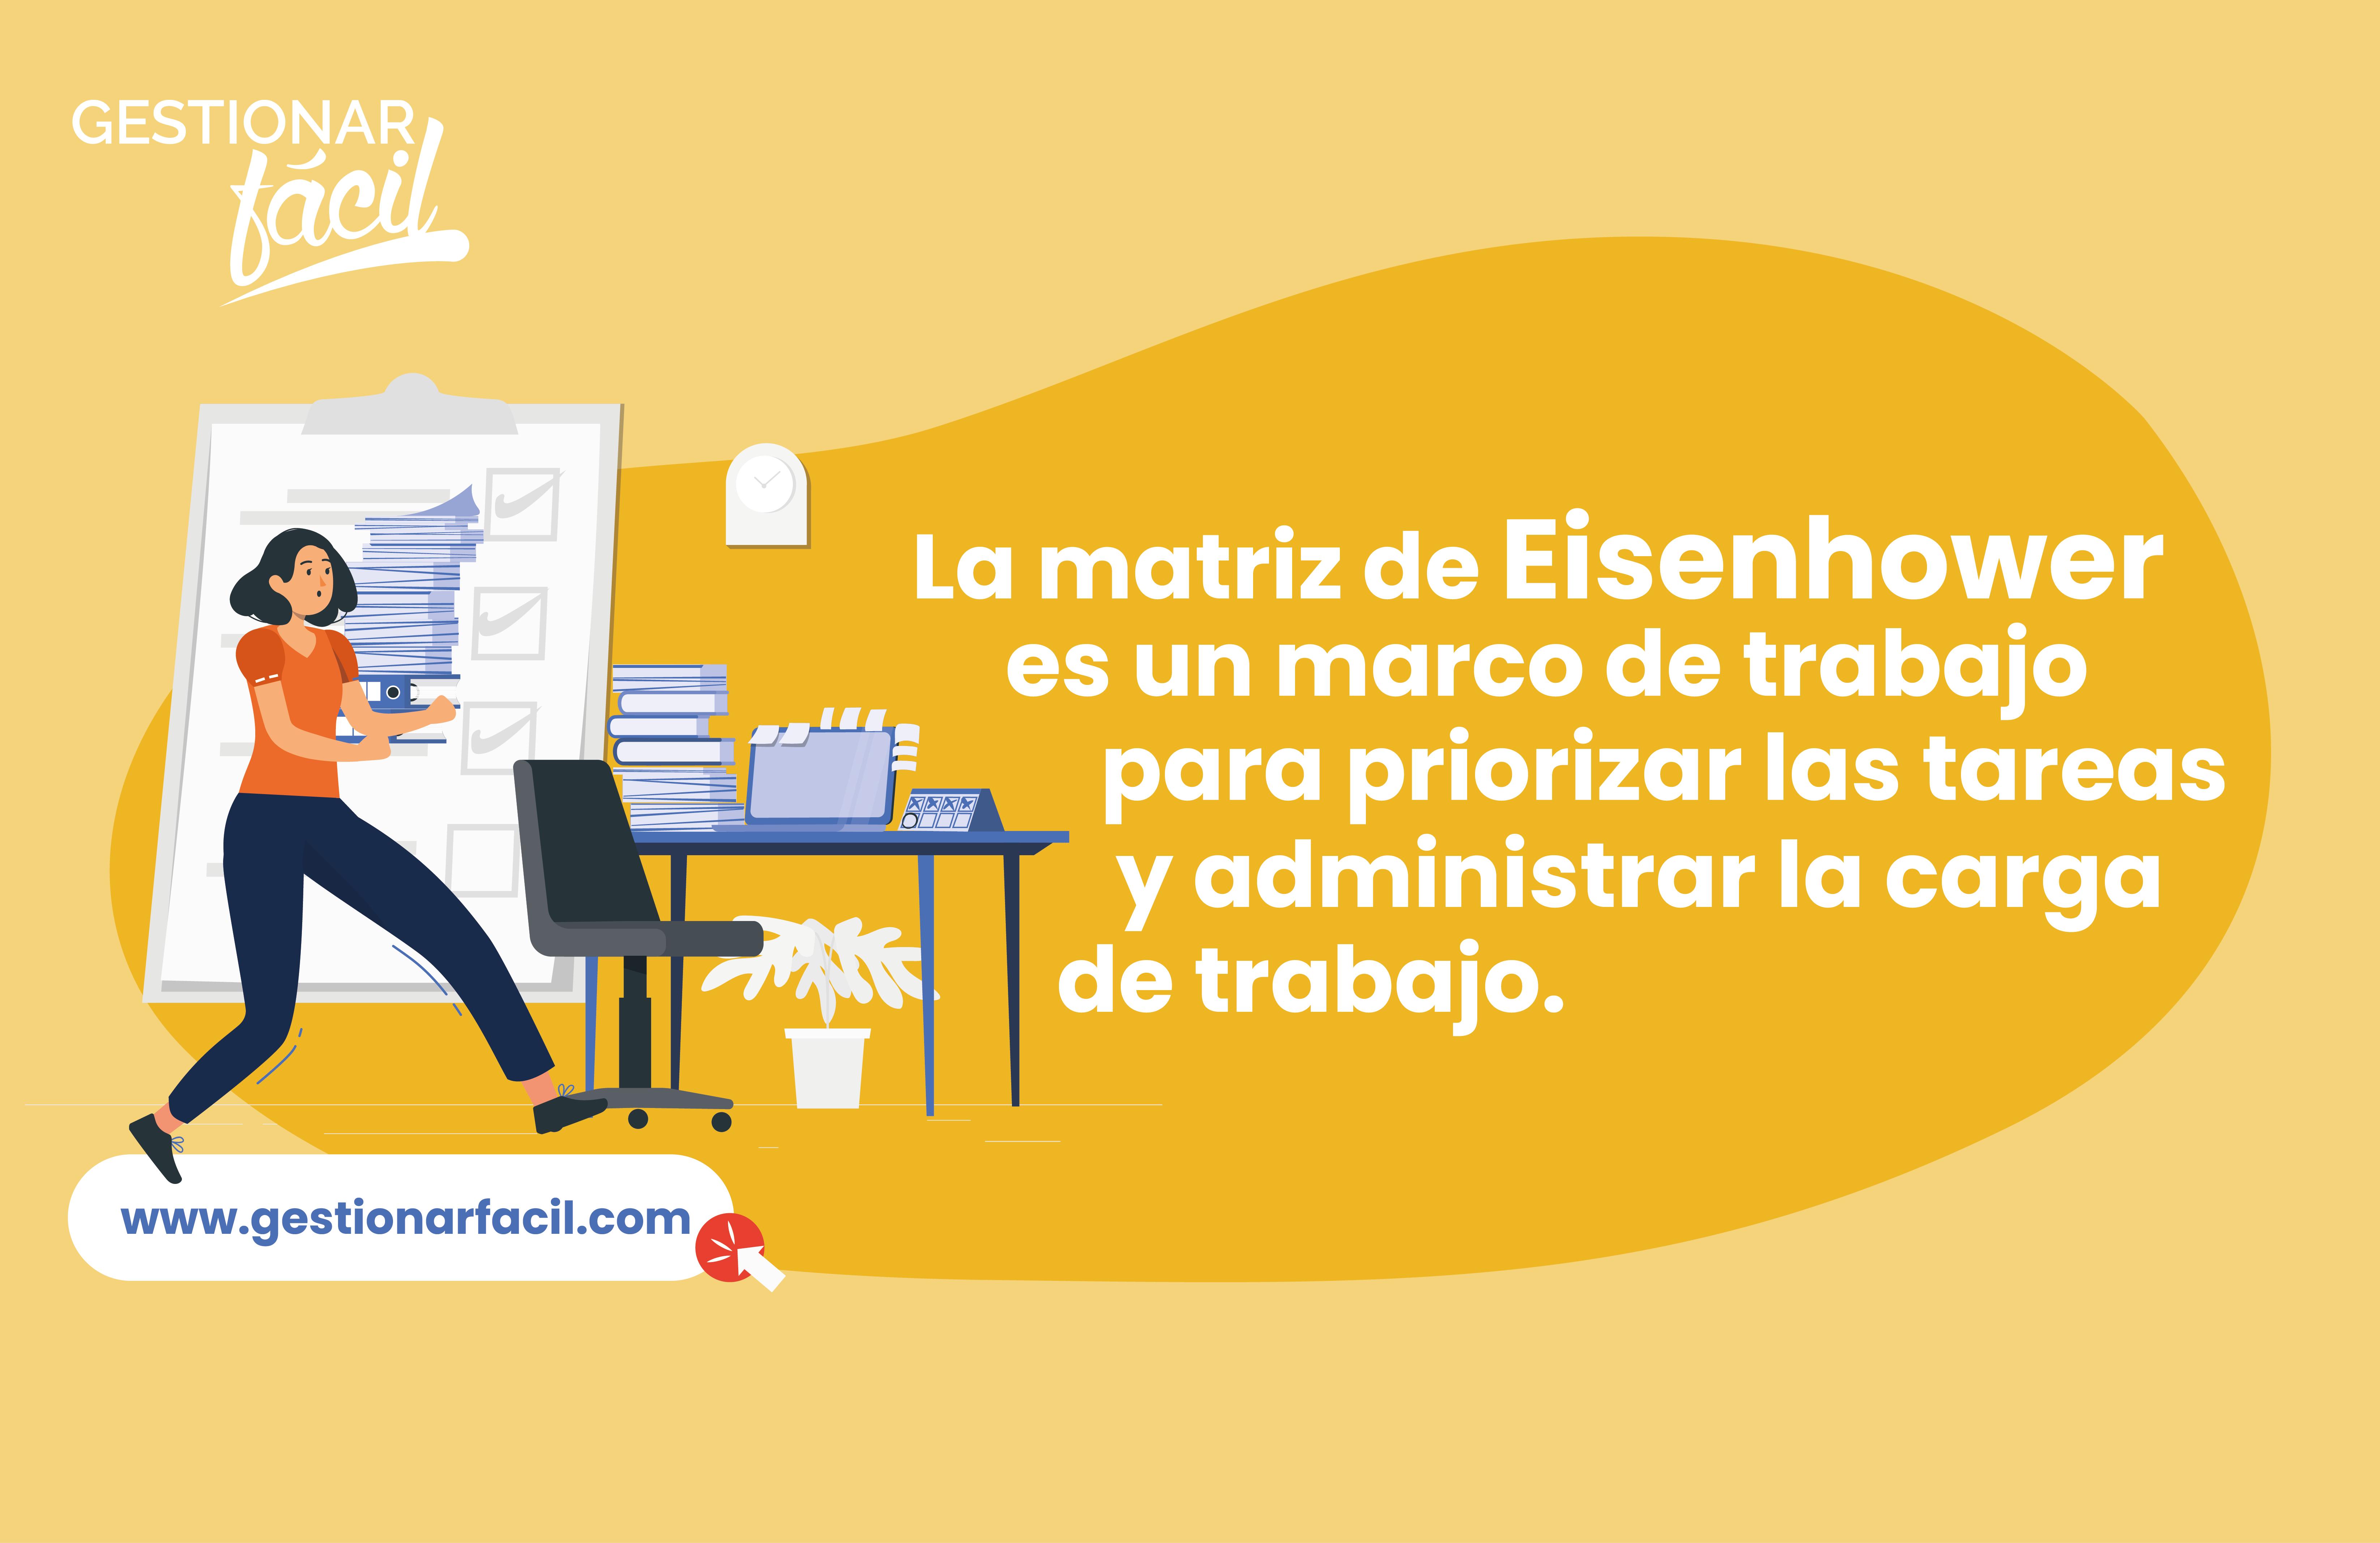 La matriz de Eisenhower es un marco de trabajo para priorizar las tareas y administrar la carga de trabajo.